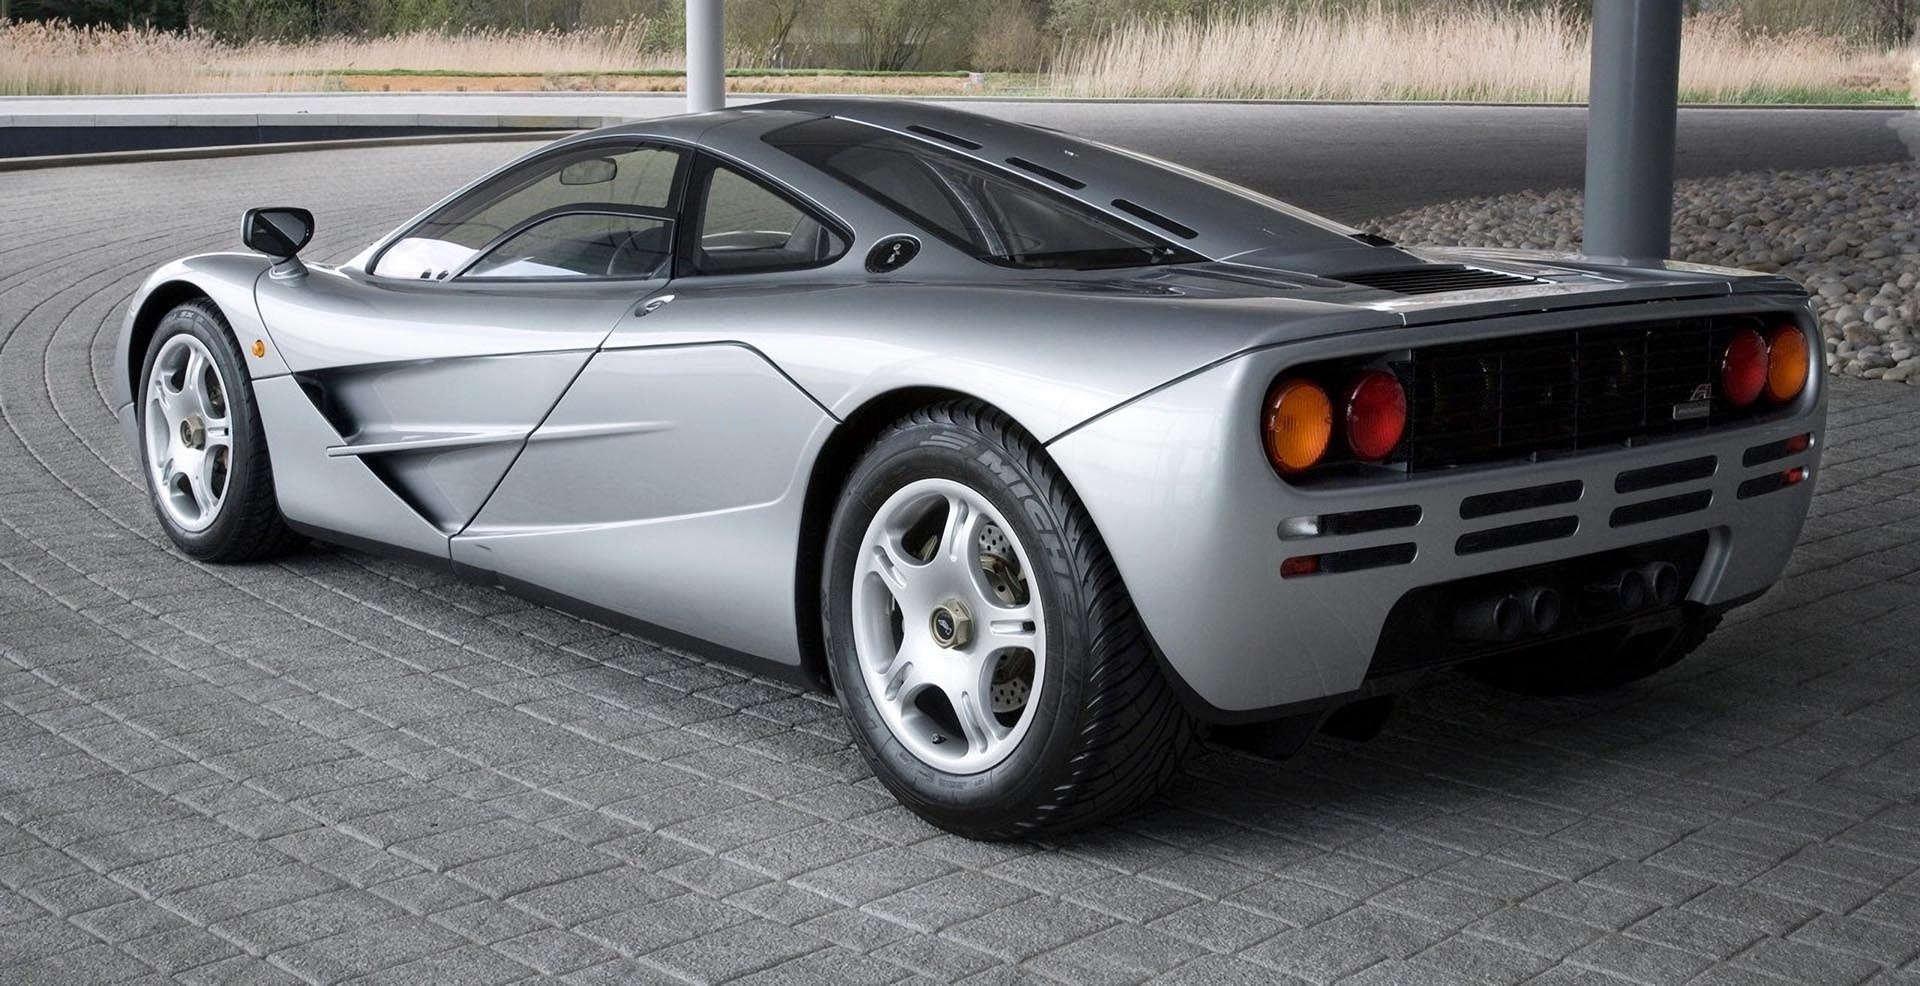 16-19_McLaren_F1 rear